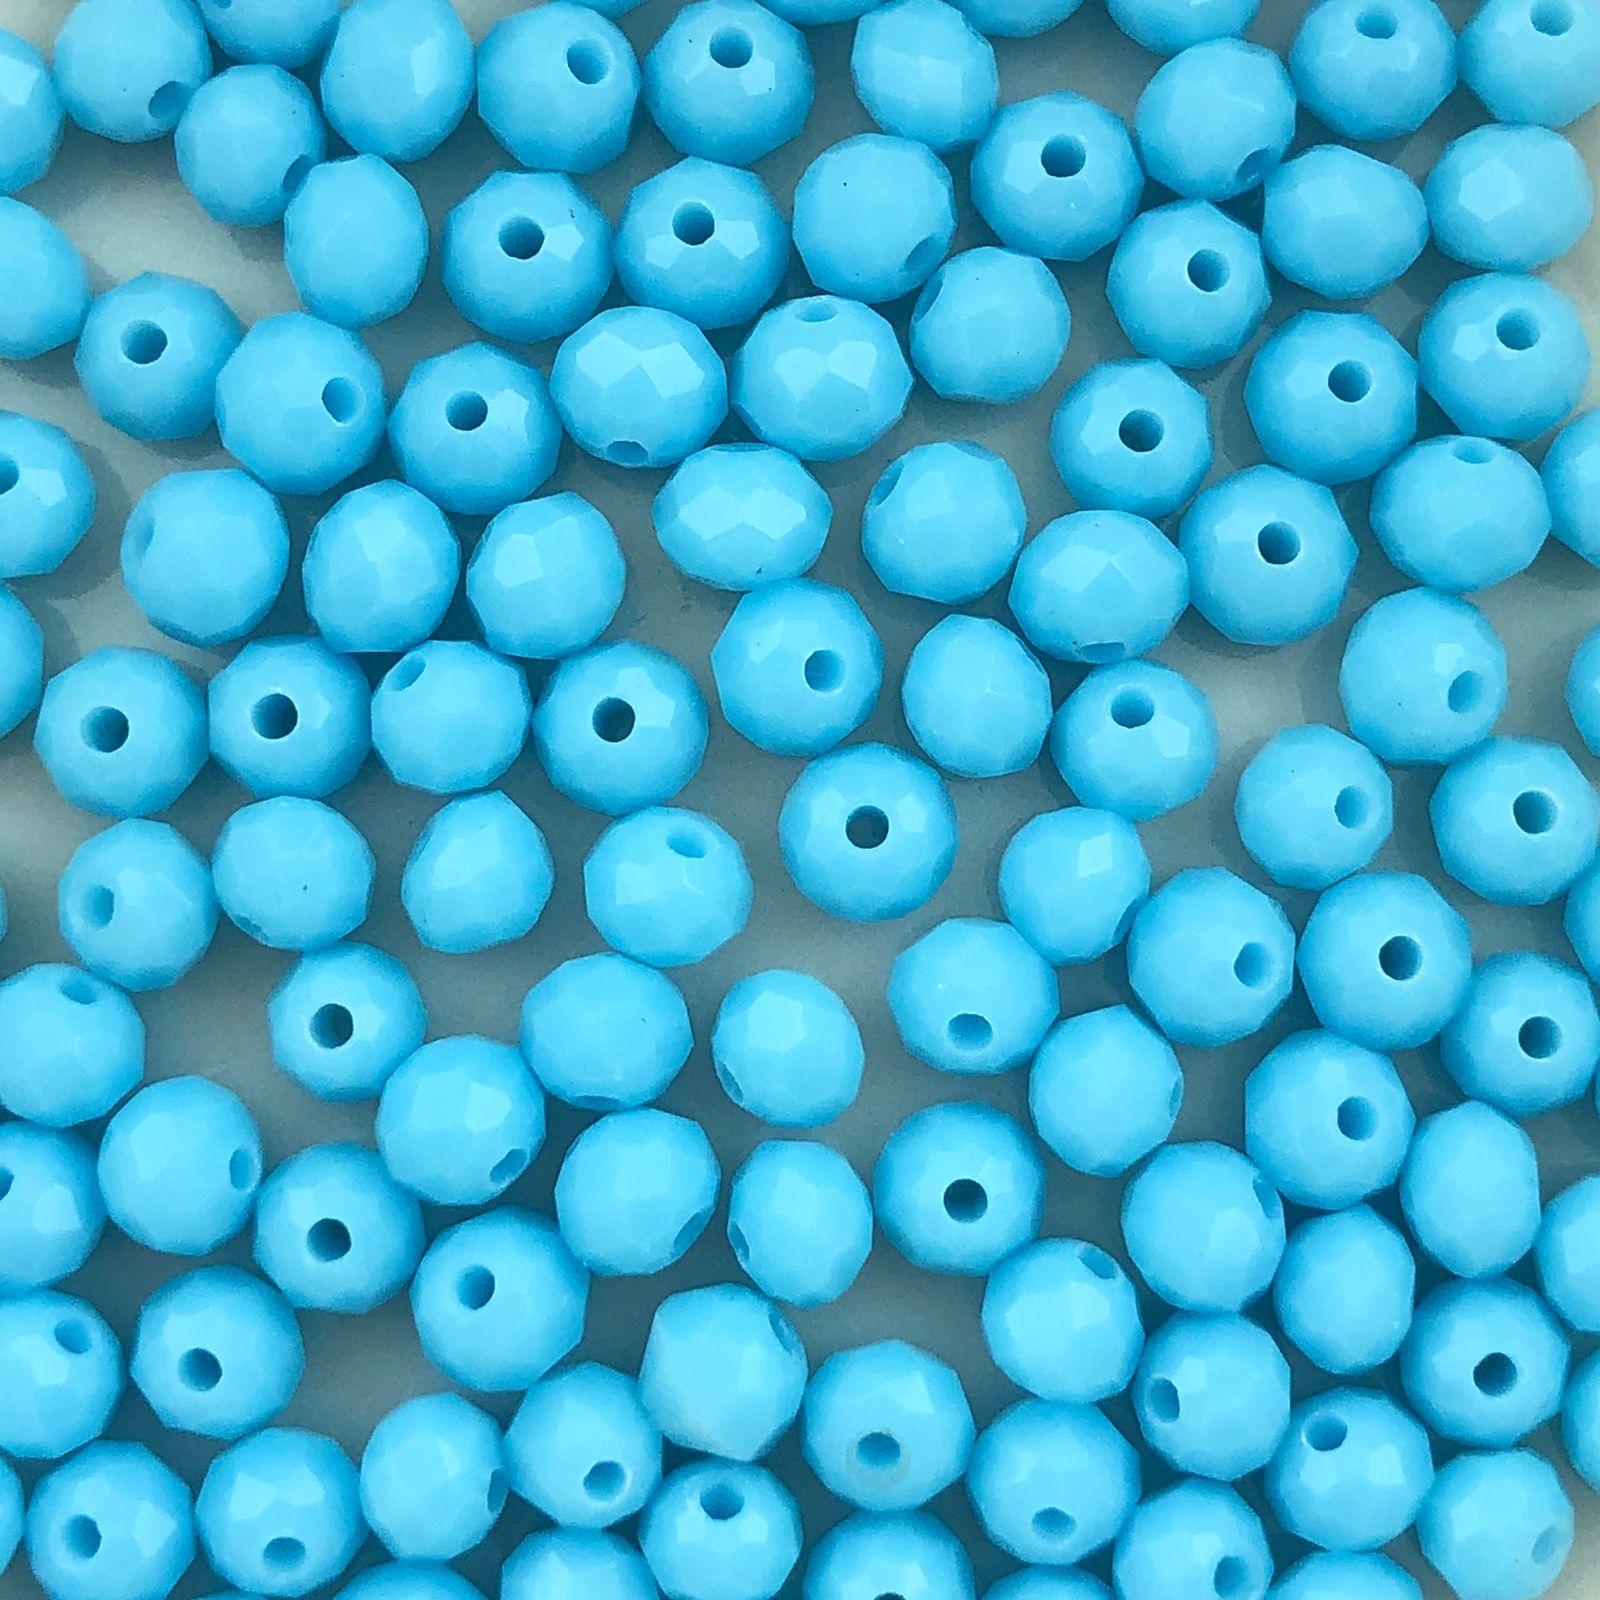 CRT02 - Cristal Azul Celeste 4mm - 120Unids